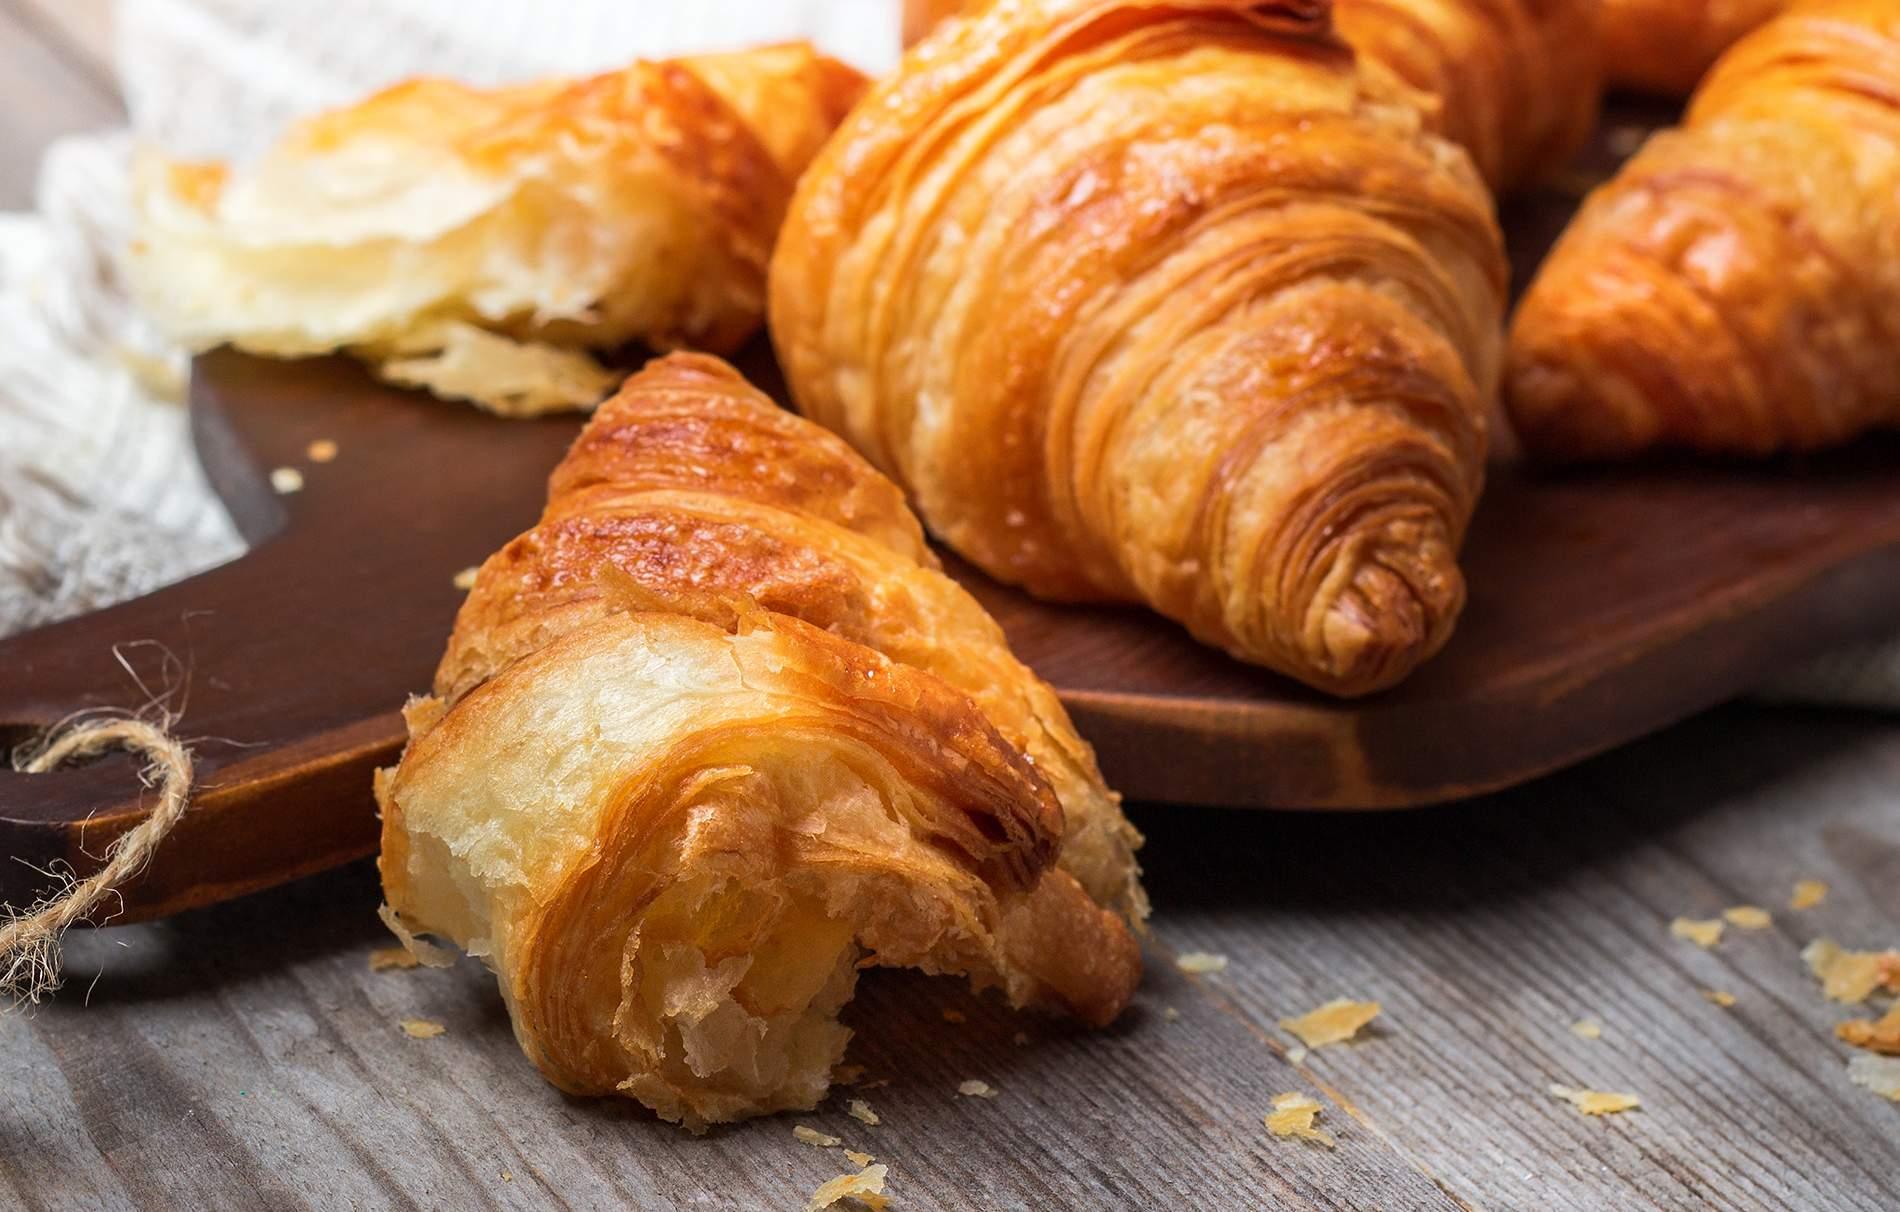 Cuerno Aprende a hacer croissants en casa con nuestra receta fácil de croissants. Sirva caliente con mantequilla y mermelada para el desayuno perfecto.